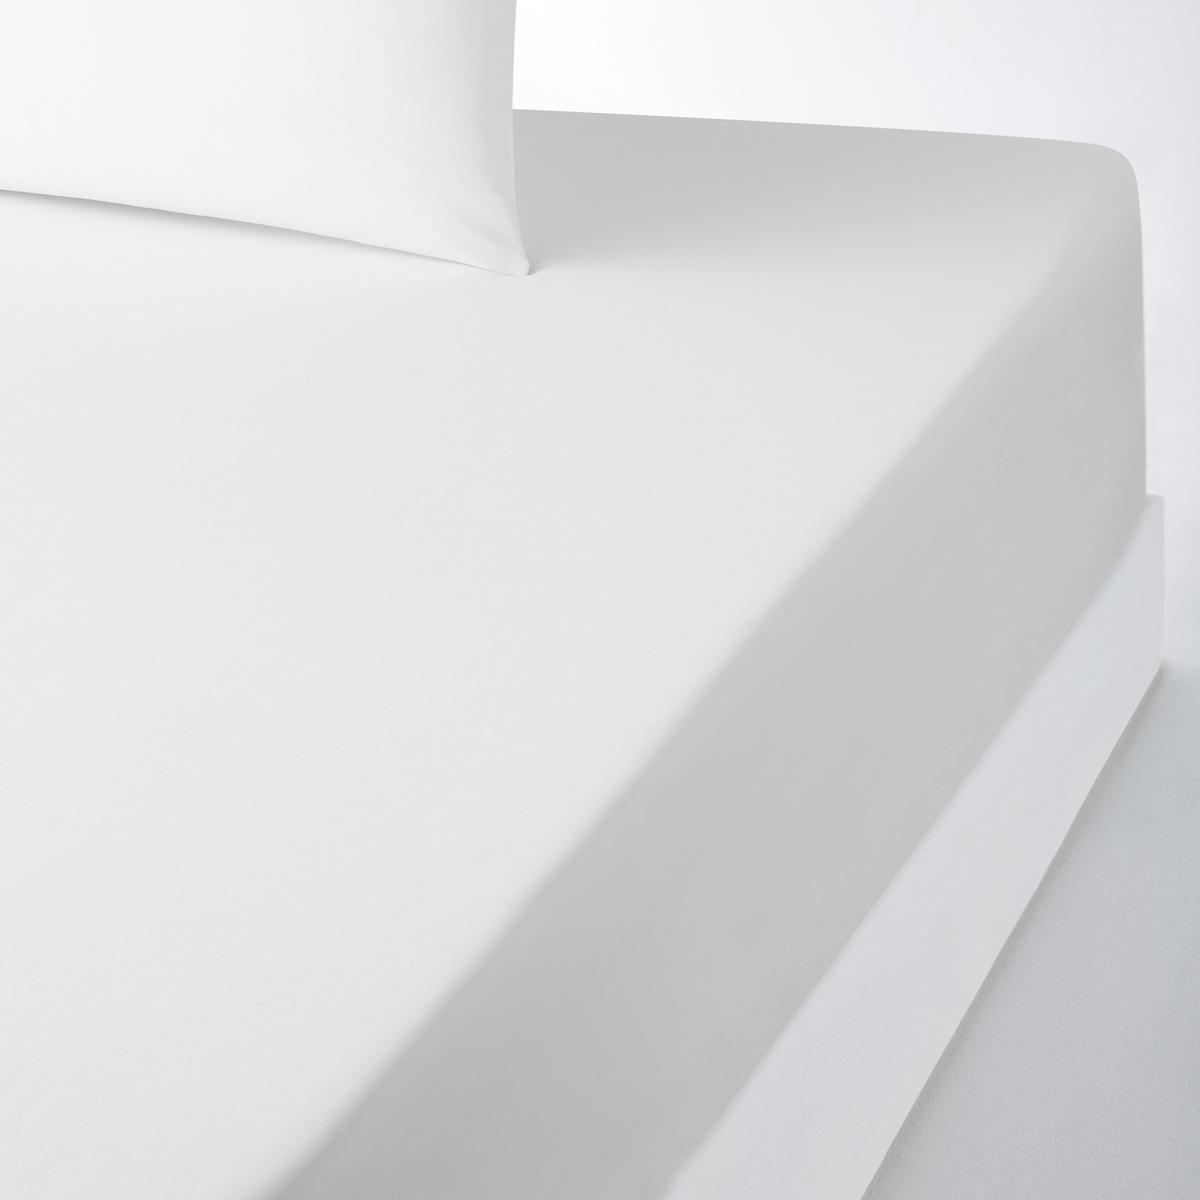 Натяжная простыня из поликоттона, специально для толстых матрасовНатяжная простыня из красивой ткани 50% хлопка, 50% полиэстера с плотным переплетением нитей, ультра мягкой и комфортной. Специально создана для толстых матрасов шириной до 30 см (клапан 32 см).Красивая гамма цветов SCENARIO позволяет создавать комплекты по настроению !Характеристики натяжной простыни из поликоттона для толстых матрасов :- Натяжная простыня из красивой ткани 50% хлопка, 50% полиэстера с плотным переплетением нитей (57 нитей/см? : чем больше плотность переплетения нитей/см?, тем качественнее материал), ультра мягкой и комфортной. - Специально создана для толстых матрасов шириной до 30 см (клапан 32 см).- Отличная стойкость цветов к стиркам (60 °С).- Глажка не требуется.Знак Oeko-Tex® гарантирует, что товары протестированы и сертифицированы, не содержат вредных веществ, которые могли бы нанести вред здоровью. Натяжная простыня  :90 x 190 см : 1-сп.140 x 190 см : 2-сп.140 x 200 см : 2-сп.160 x 200 см : 2-сп.180 х 200 см : 2-сп.Откройте для себя всю коллекцию постельного белья SC?NARIO на нашем сайте<br><br>Цвет: белый,желтый горчичный,желтый лимонный,Серо-синий,серый жемчужный,фиолетовый,черный